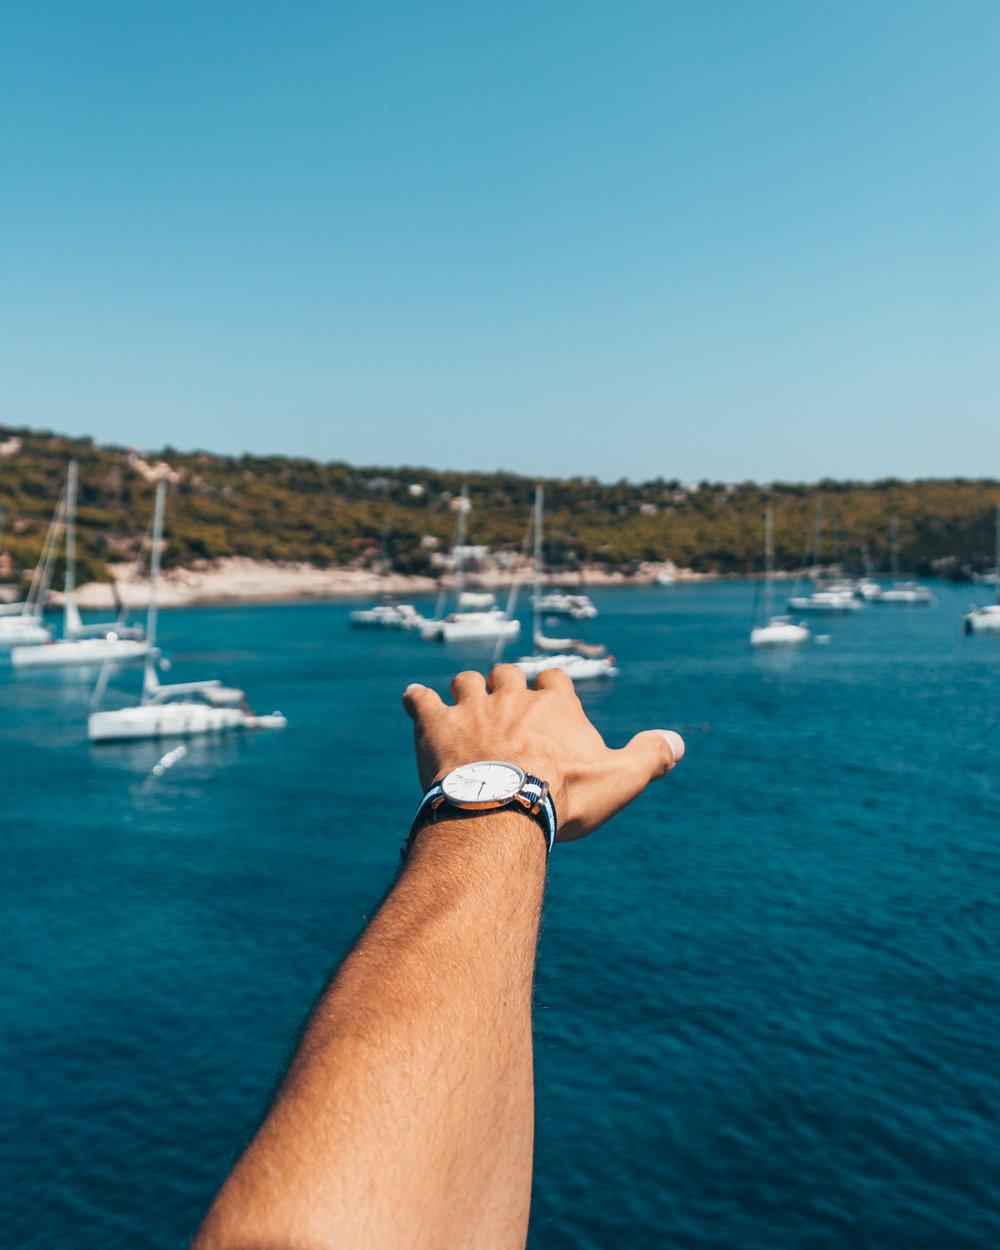 Oliver_Sjostrom_Sized_for_web_Travel_Portfolio_Daniel_Wellington_Greece-1.jpg